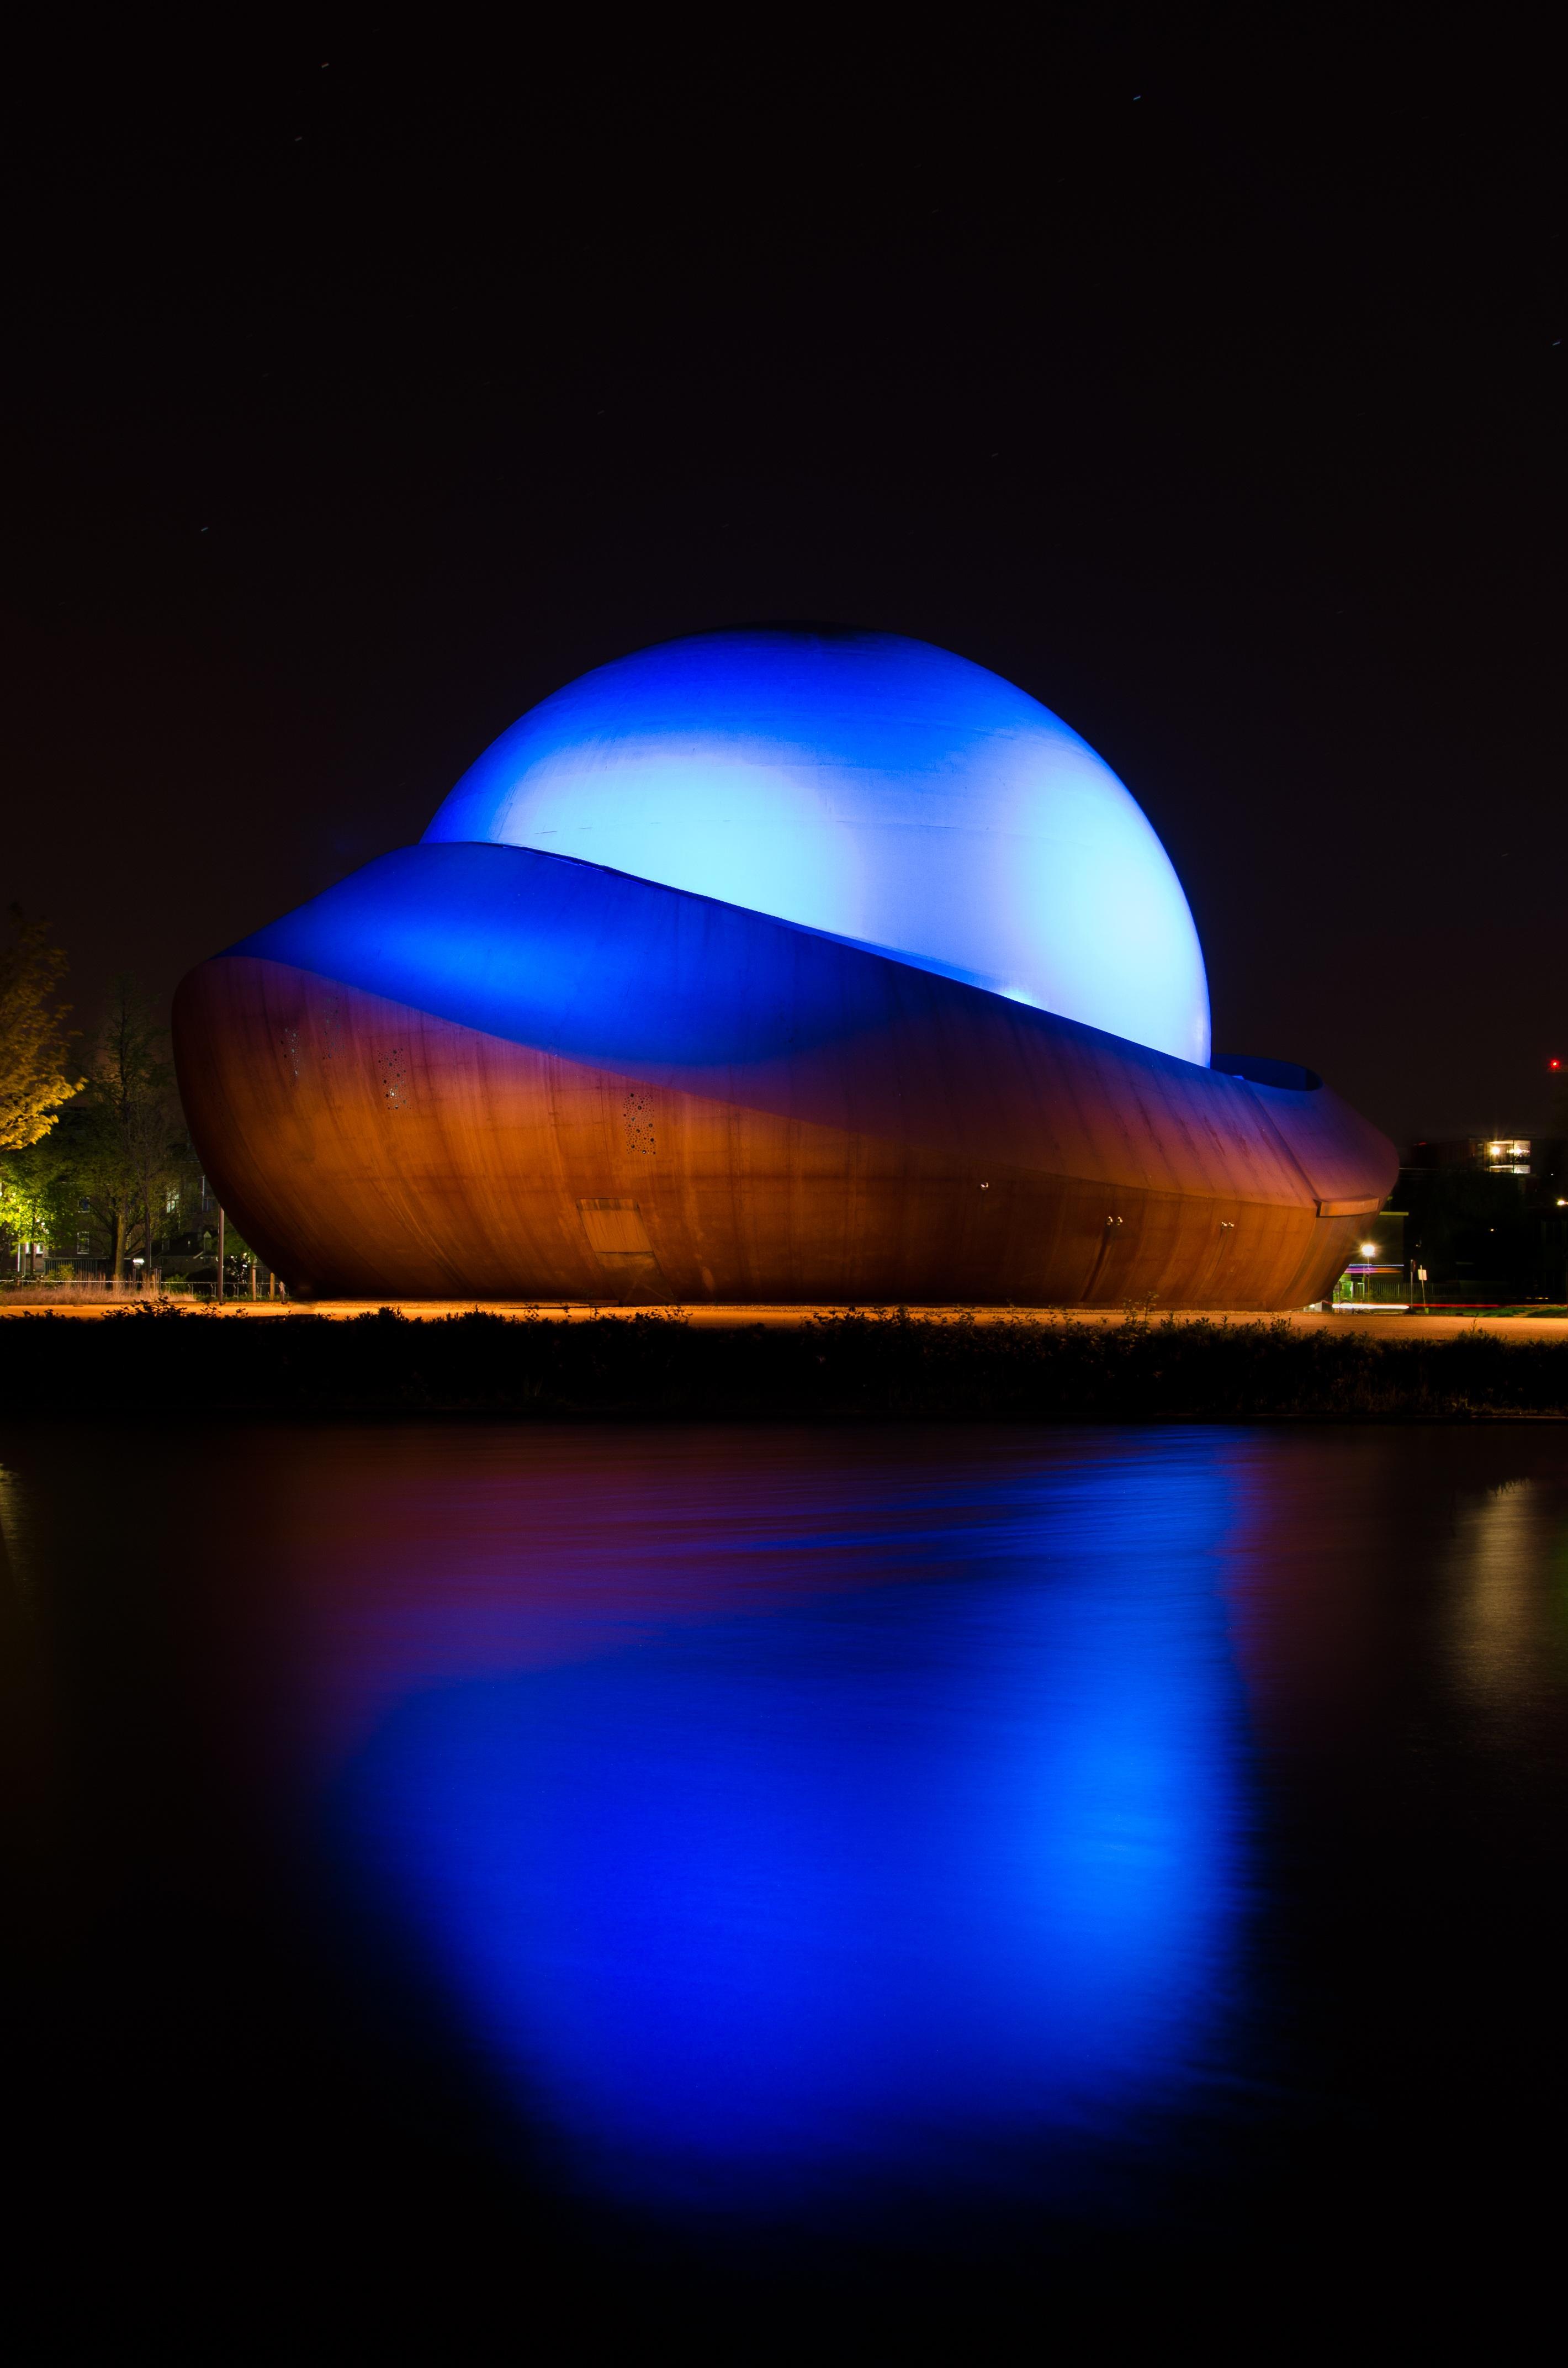 licht architectuur nacht gebouw atmosfeer oranje reflectie kleur duisternis blauw verlichting theater gebied theater vorm groningen